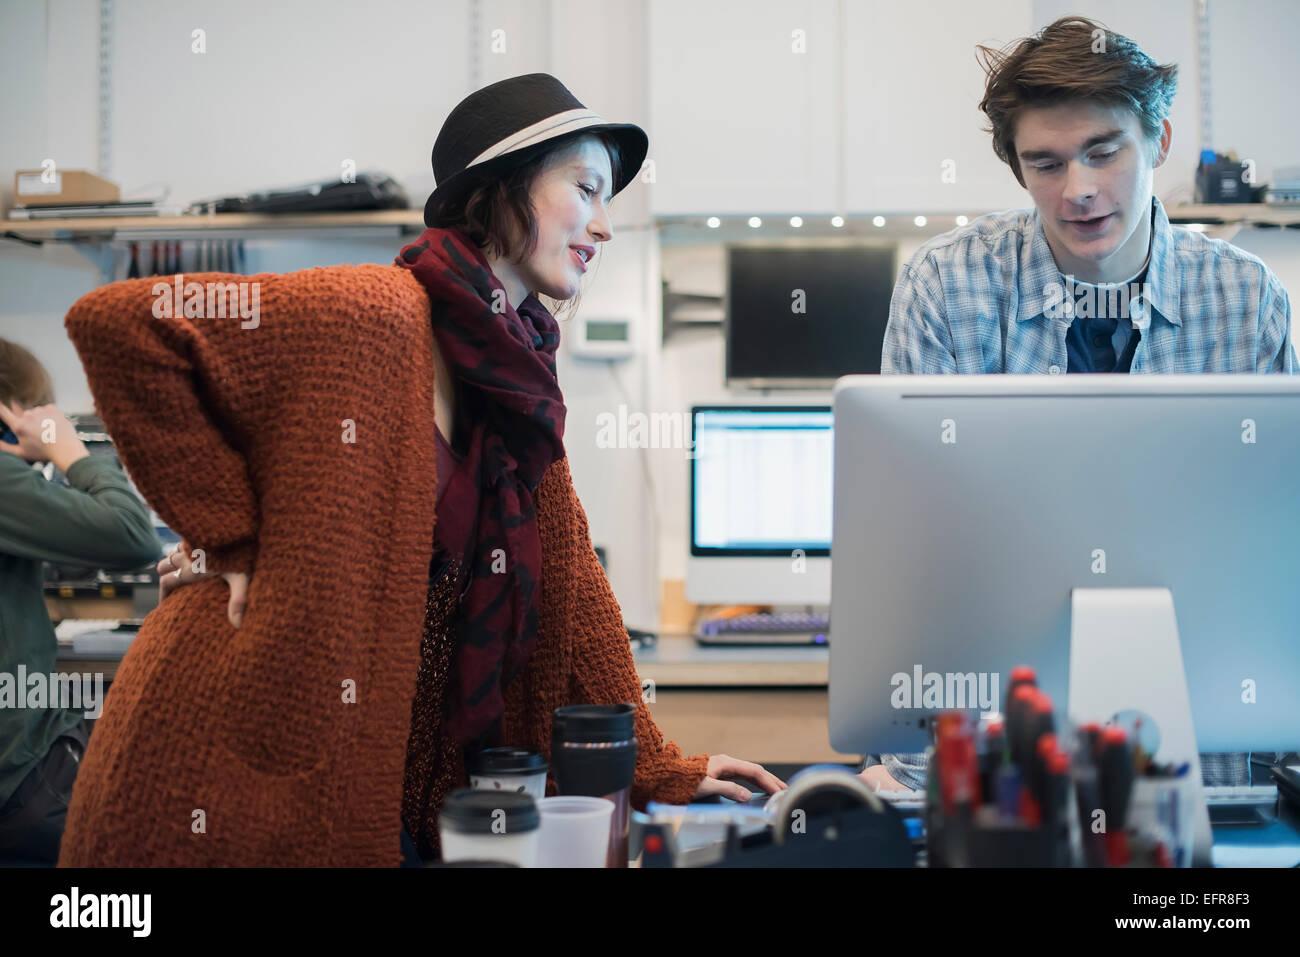 Atelier de réparation d'ordinateur. Un homme et femme qui parle sur un ordinateur. Photo Stock